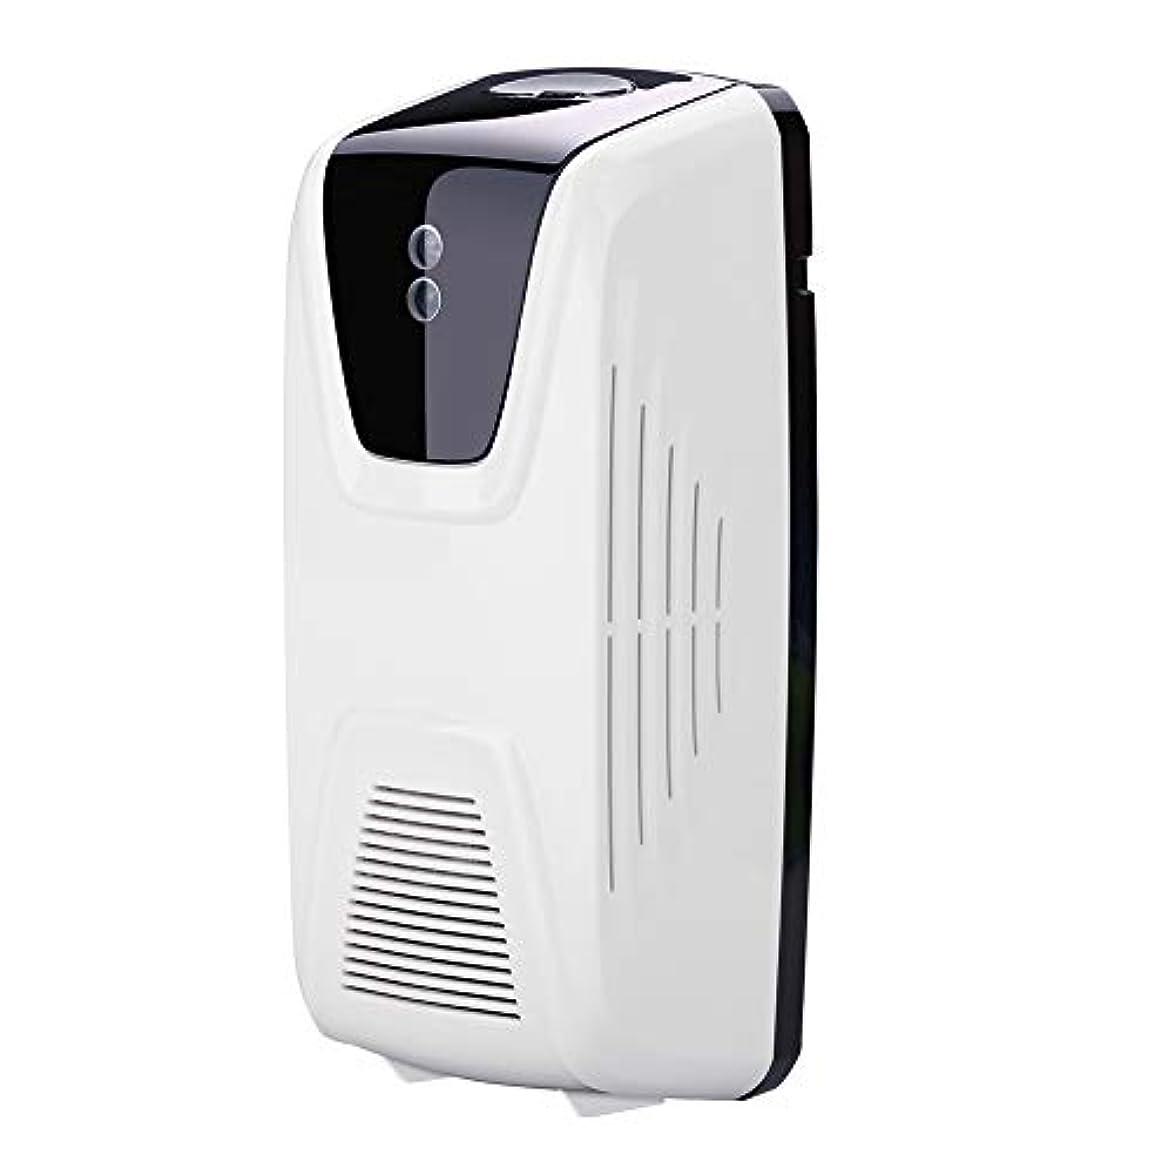 ラインラベンダースチュアート島Rakuby ファン型 自動 軽いセンサー 空気清浄 ディスペンサー使用 エッセンシャルオイル 香水詰め替え スプレー缶